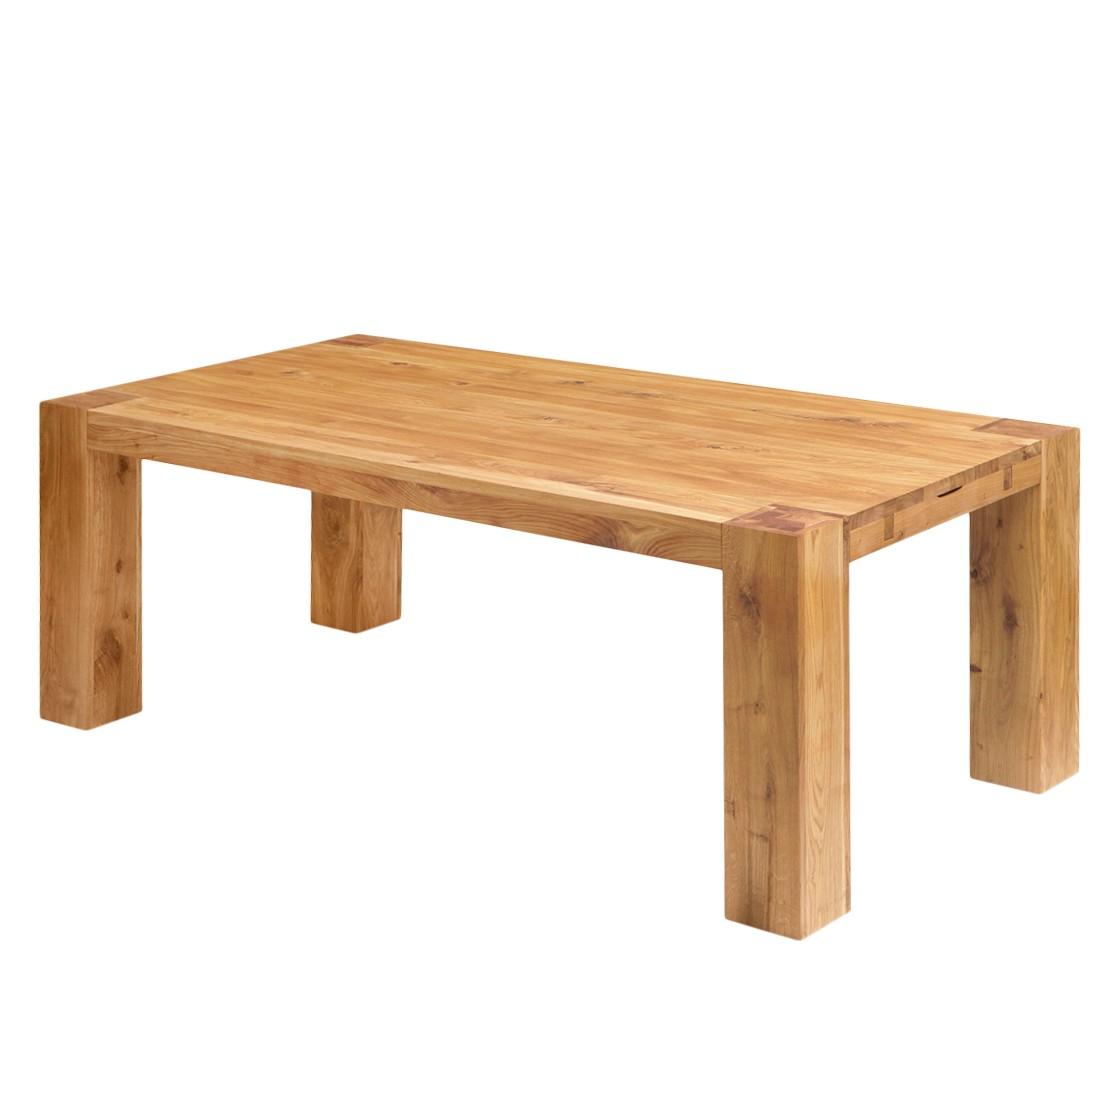 Table à manger George - Chêne massif - Chêne - 140 x 100 cm, Ars Natura